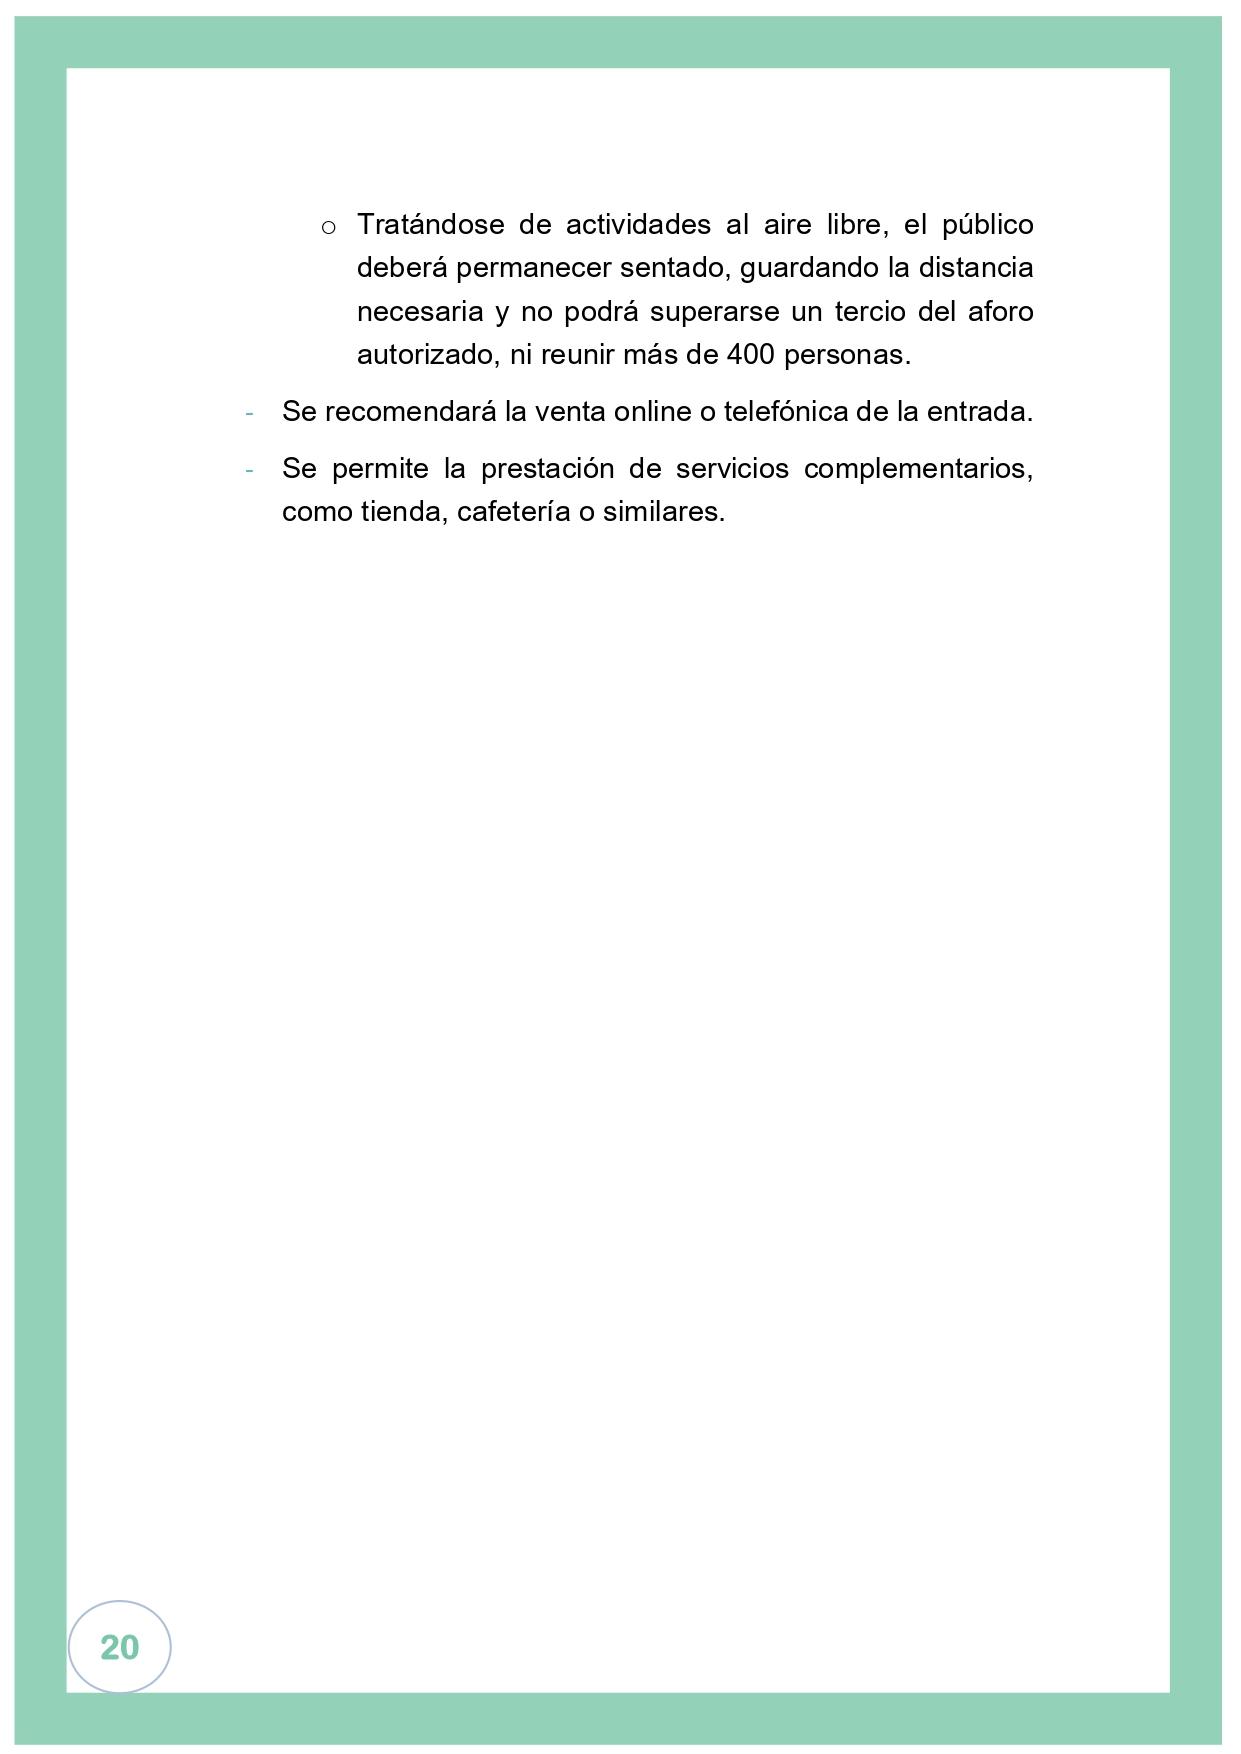 El gobierno oficializa que el Bierzo y Laciana pasan a la fase 2 el lunes 1 de junio 23